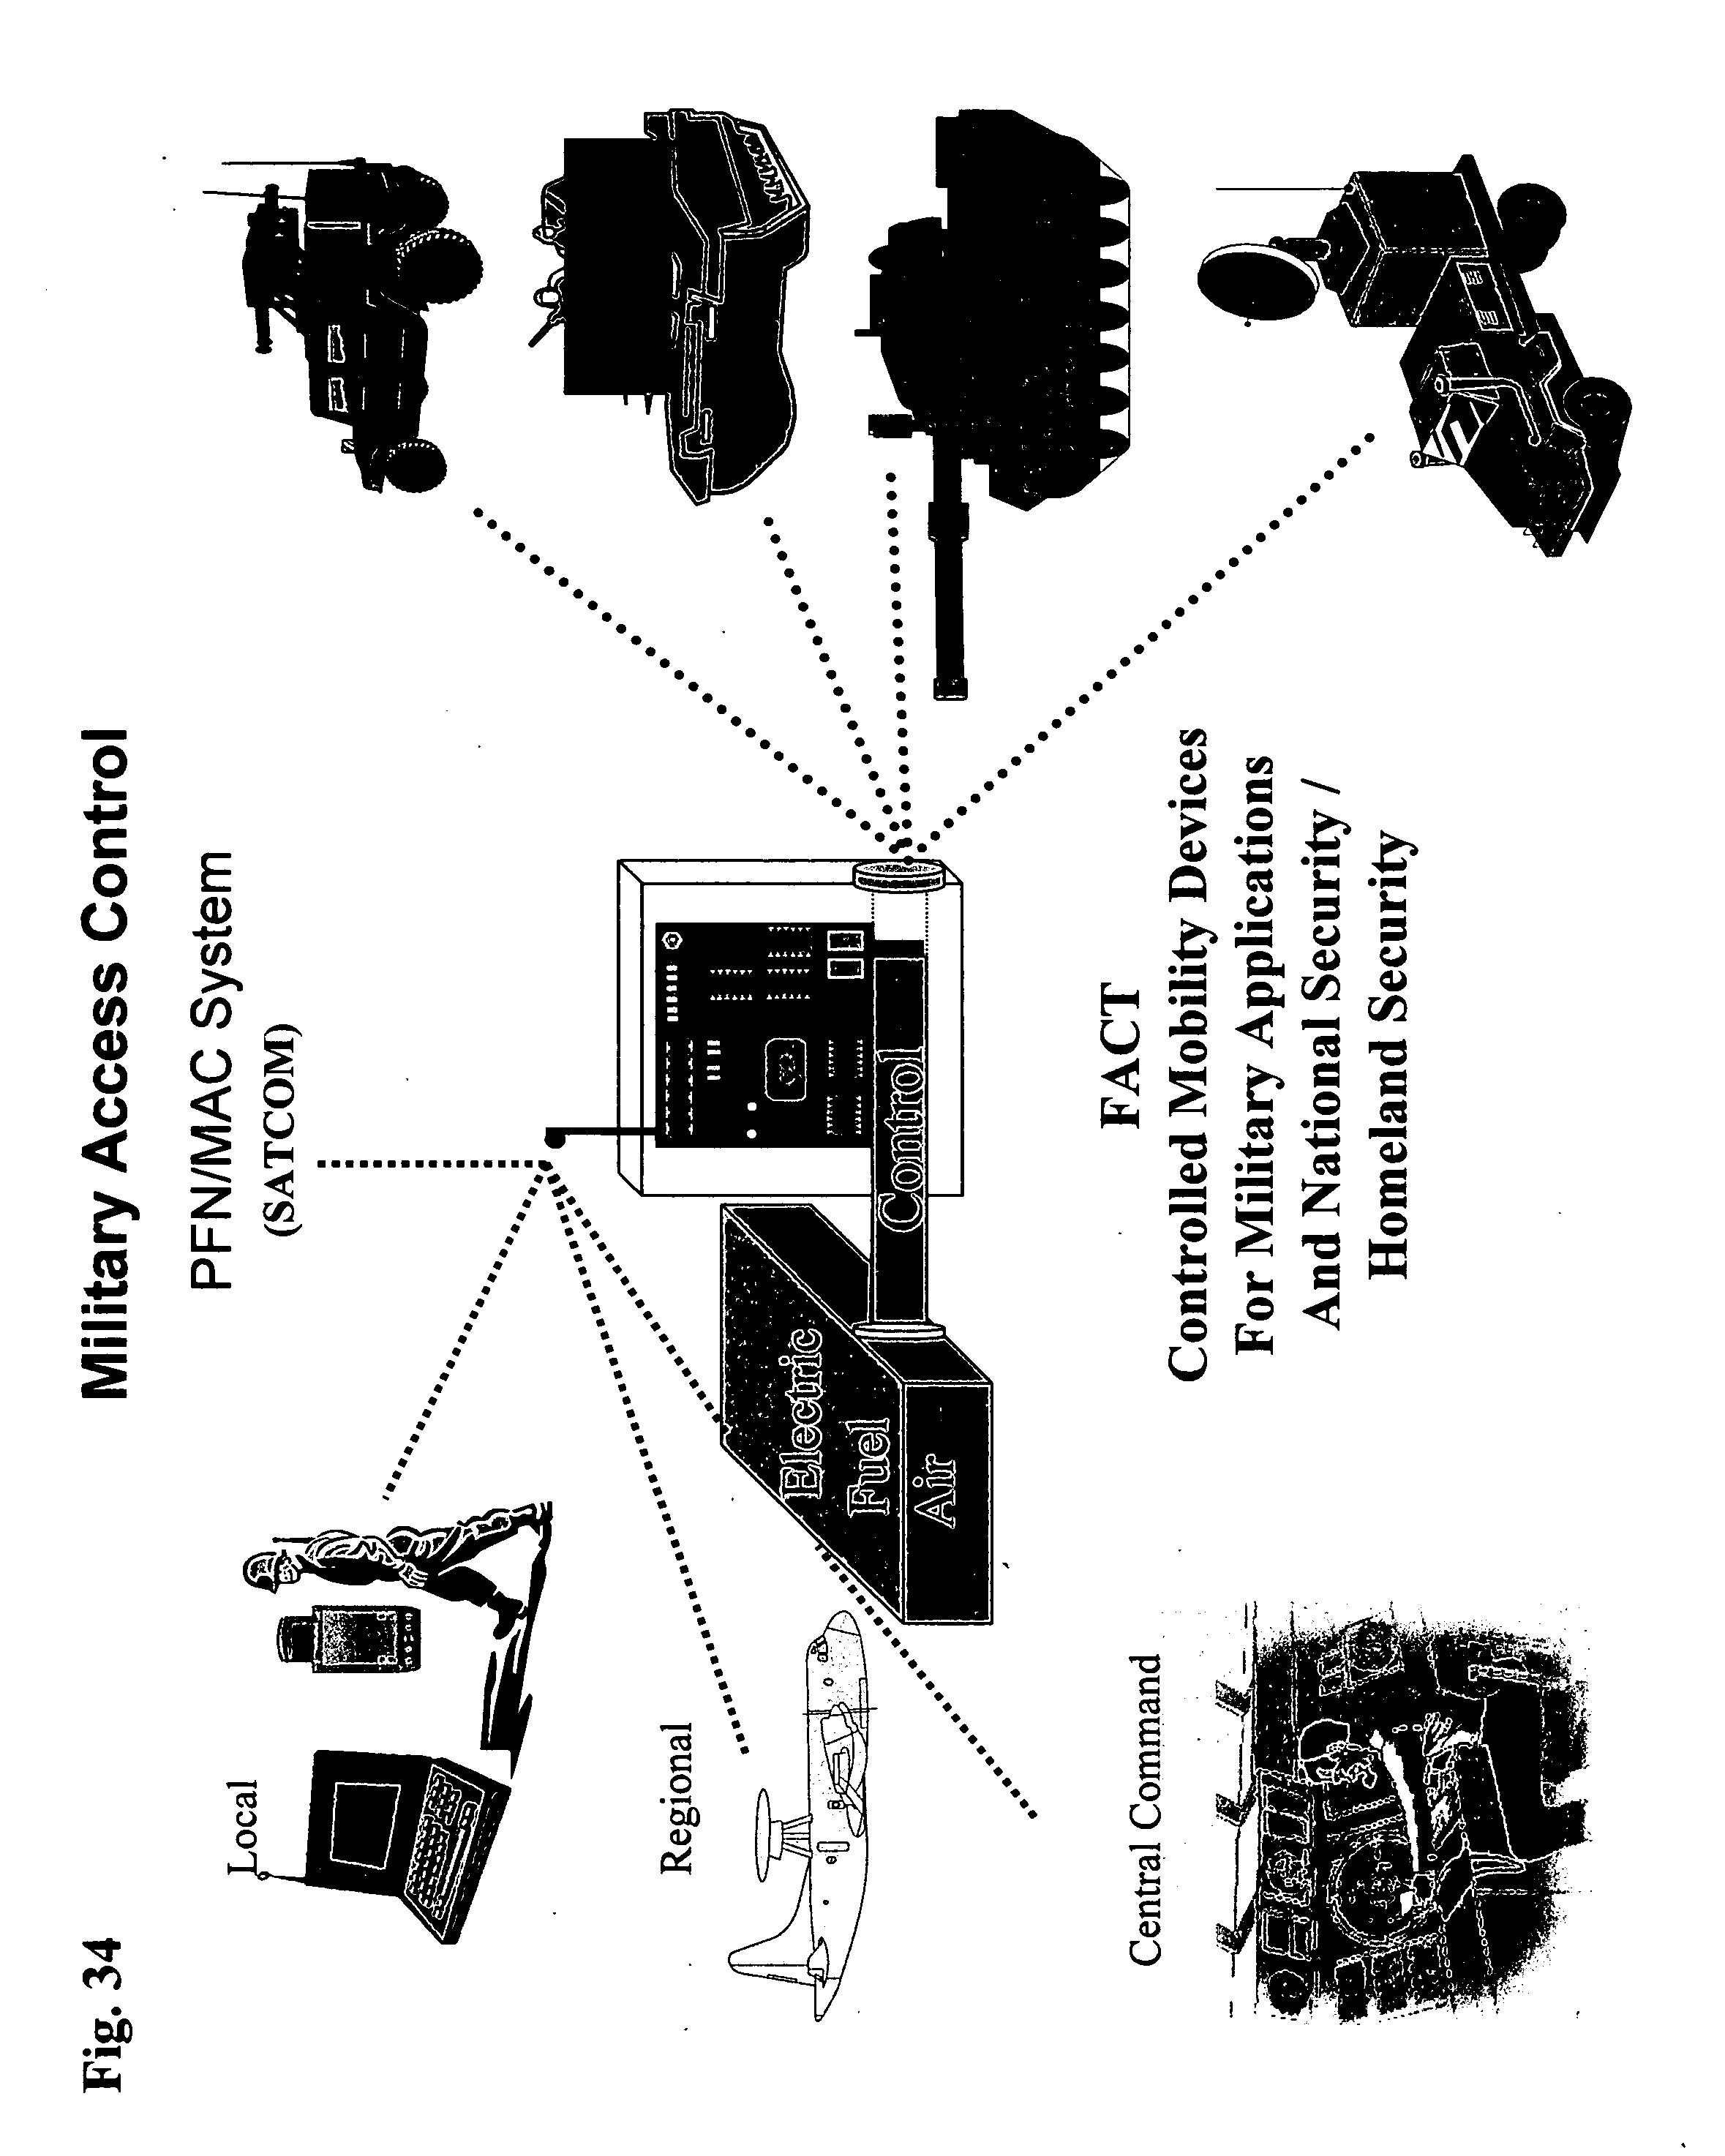 схема перевода в нули радиостанции президента jfk